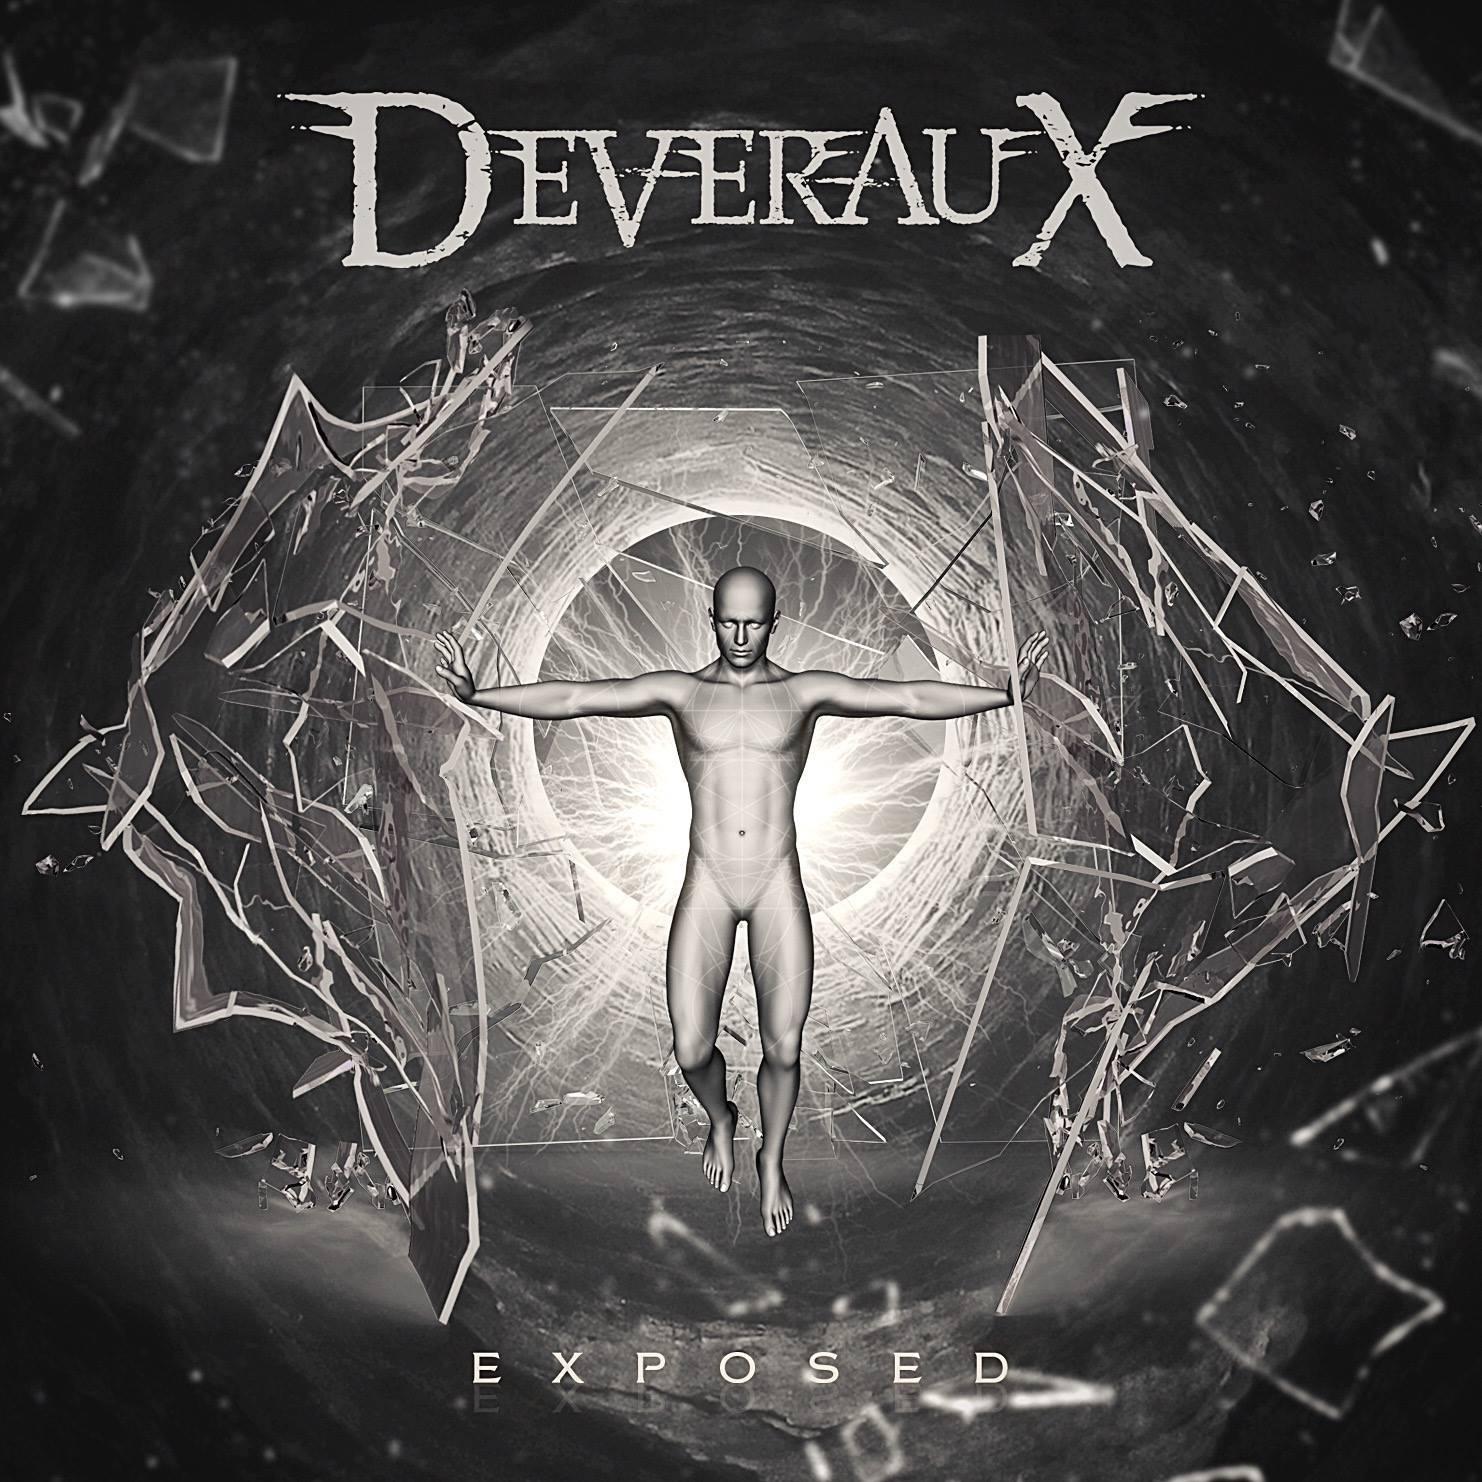 Header-Exposed-DeverauX-AlbumArt